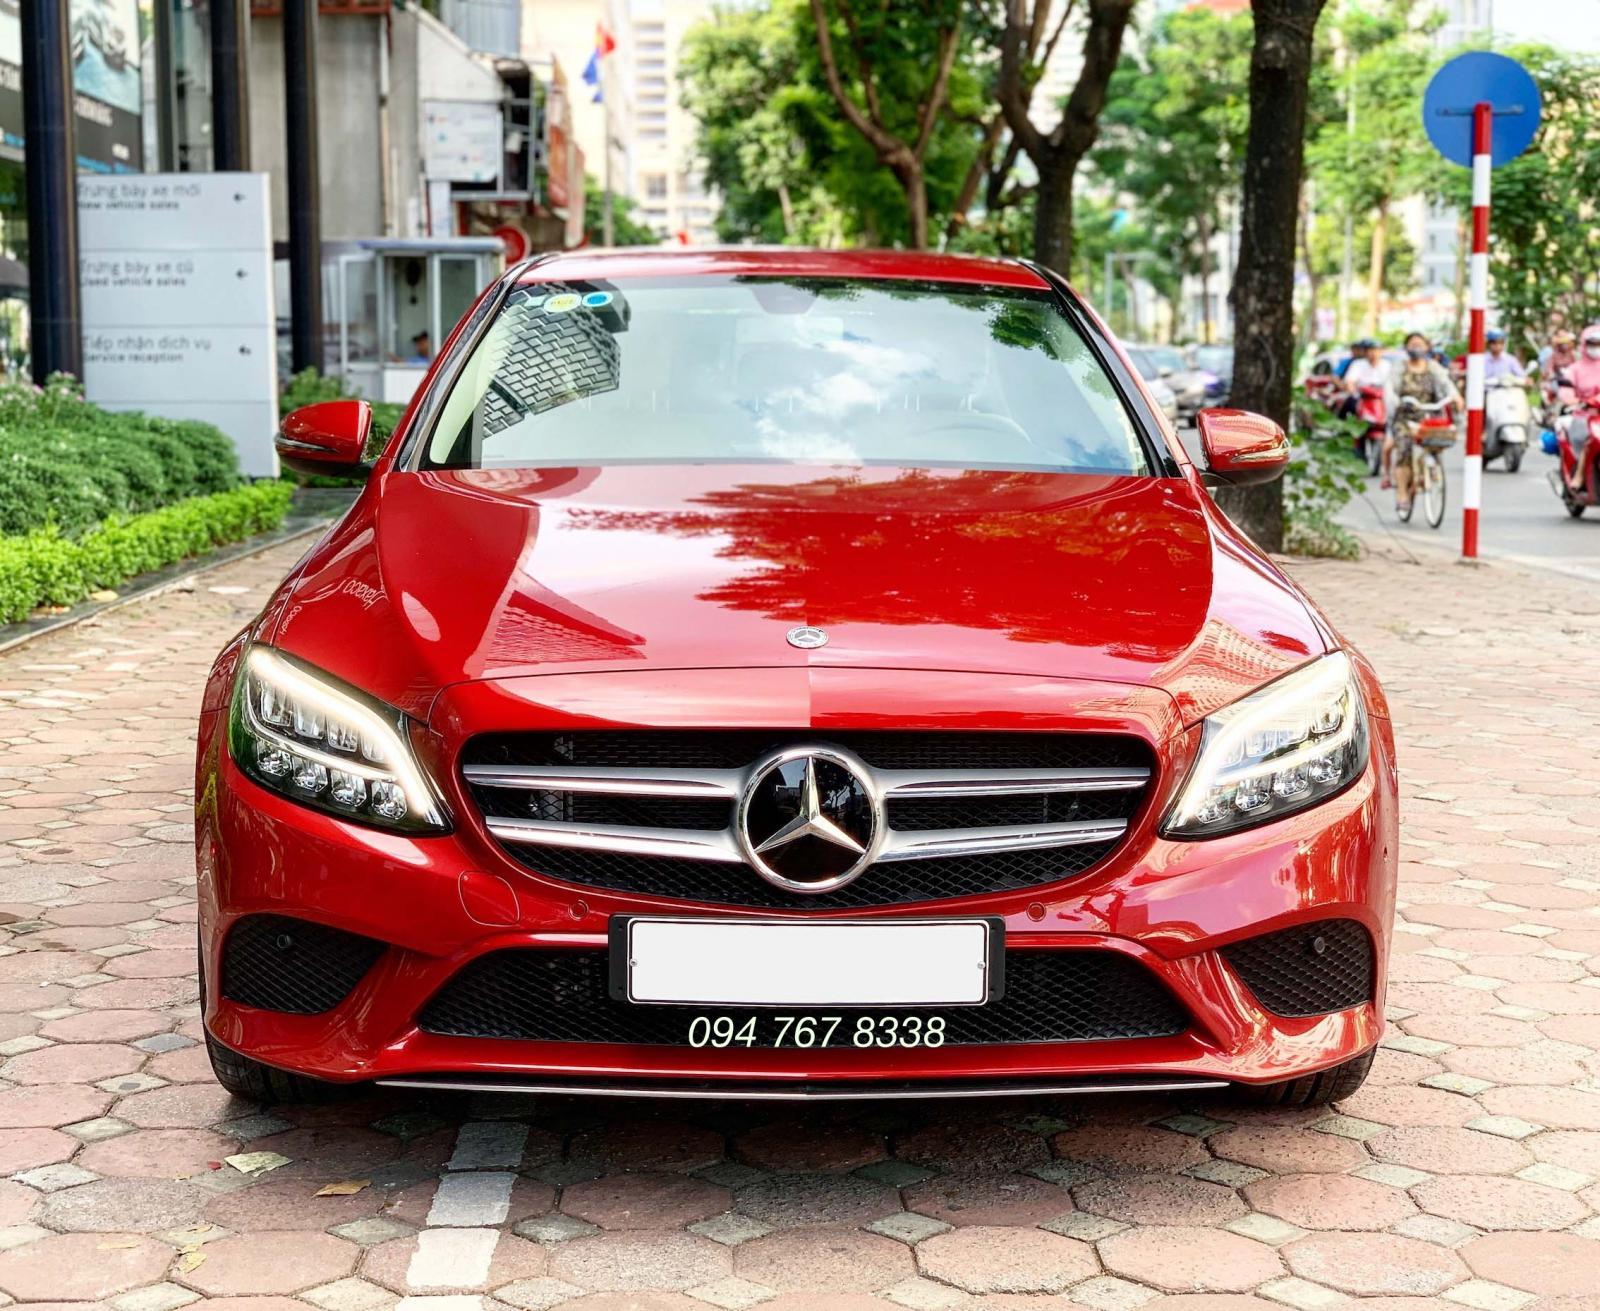 Cần bán gấp Mercedes C200 2019 màu đỏ chạy lướt giá cực tốt